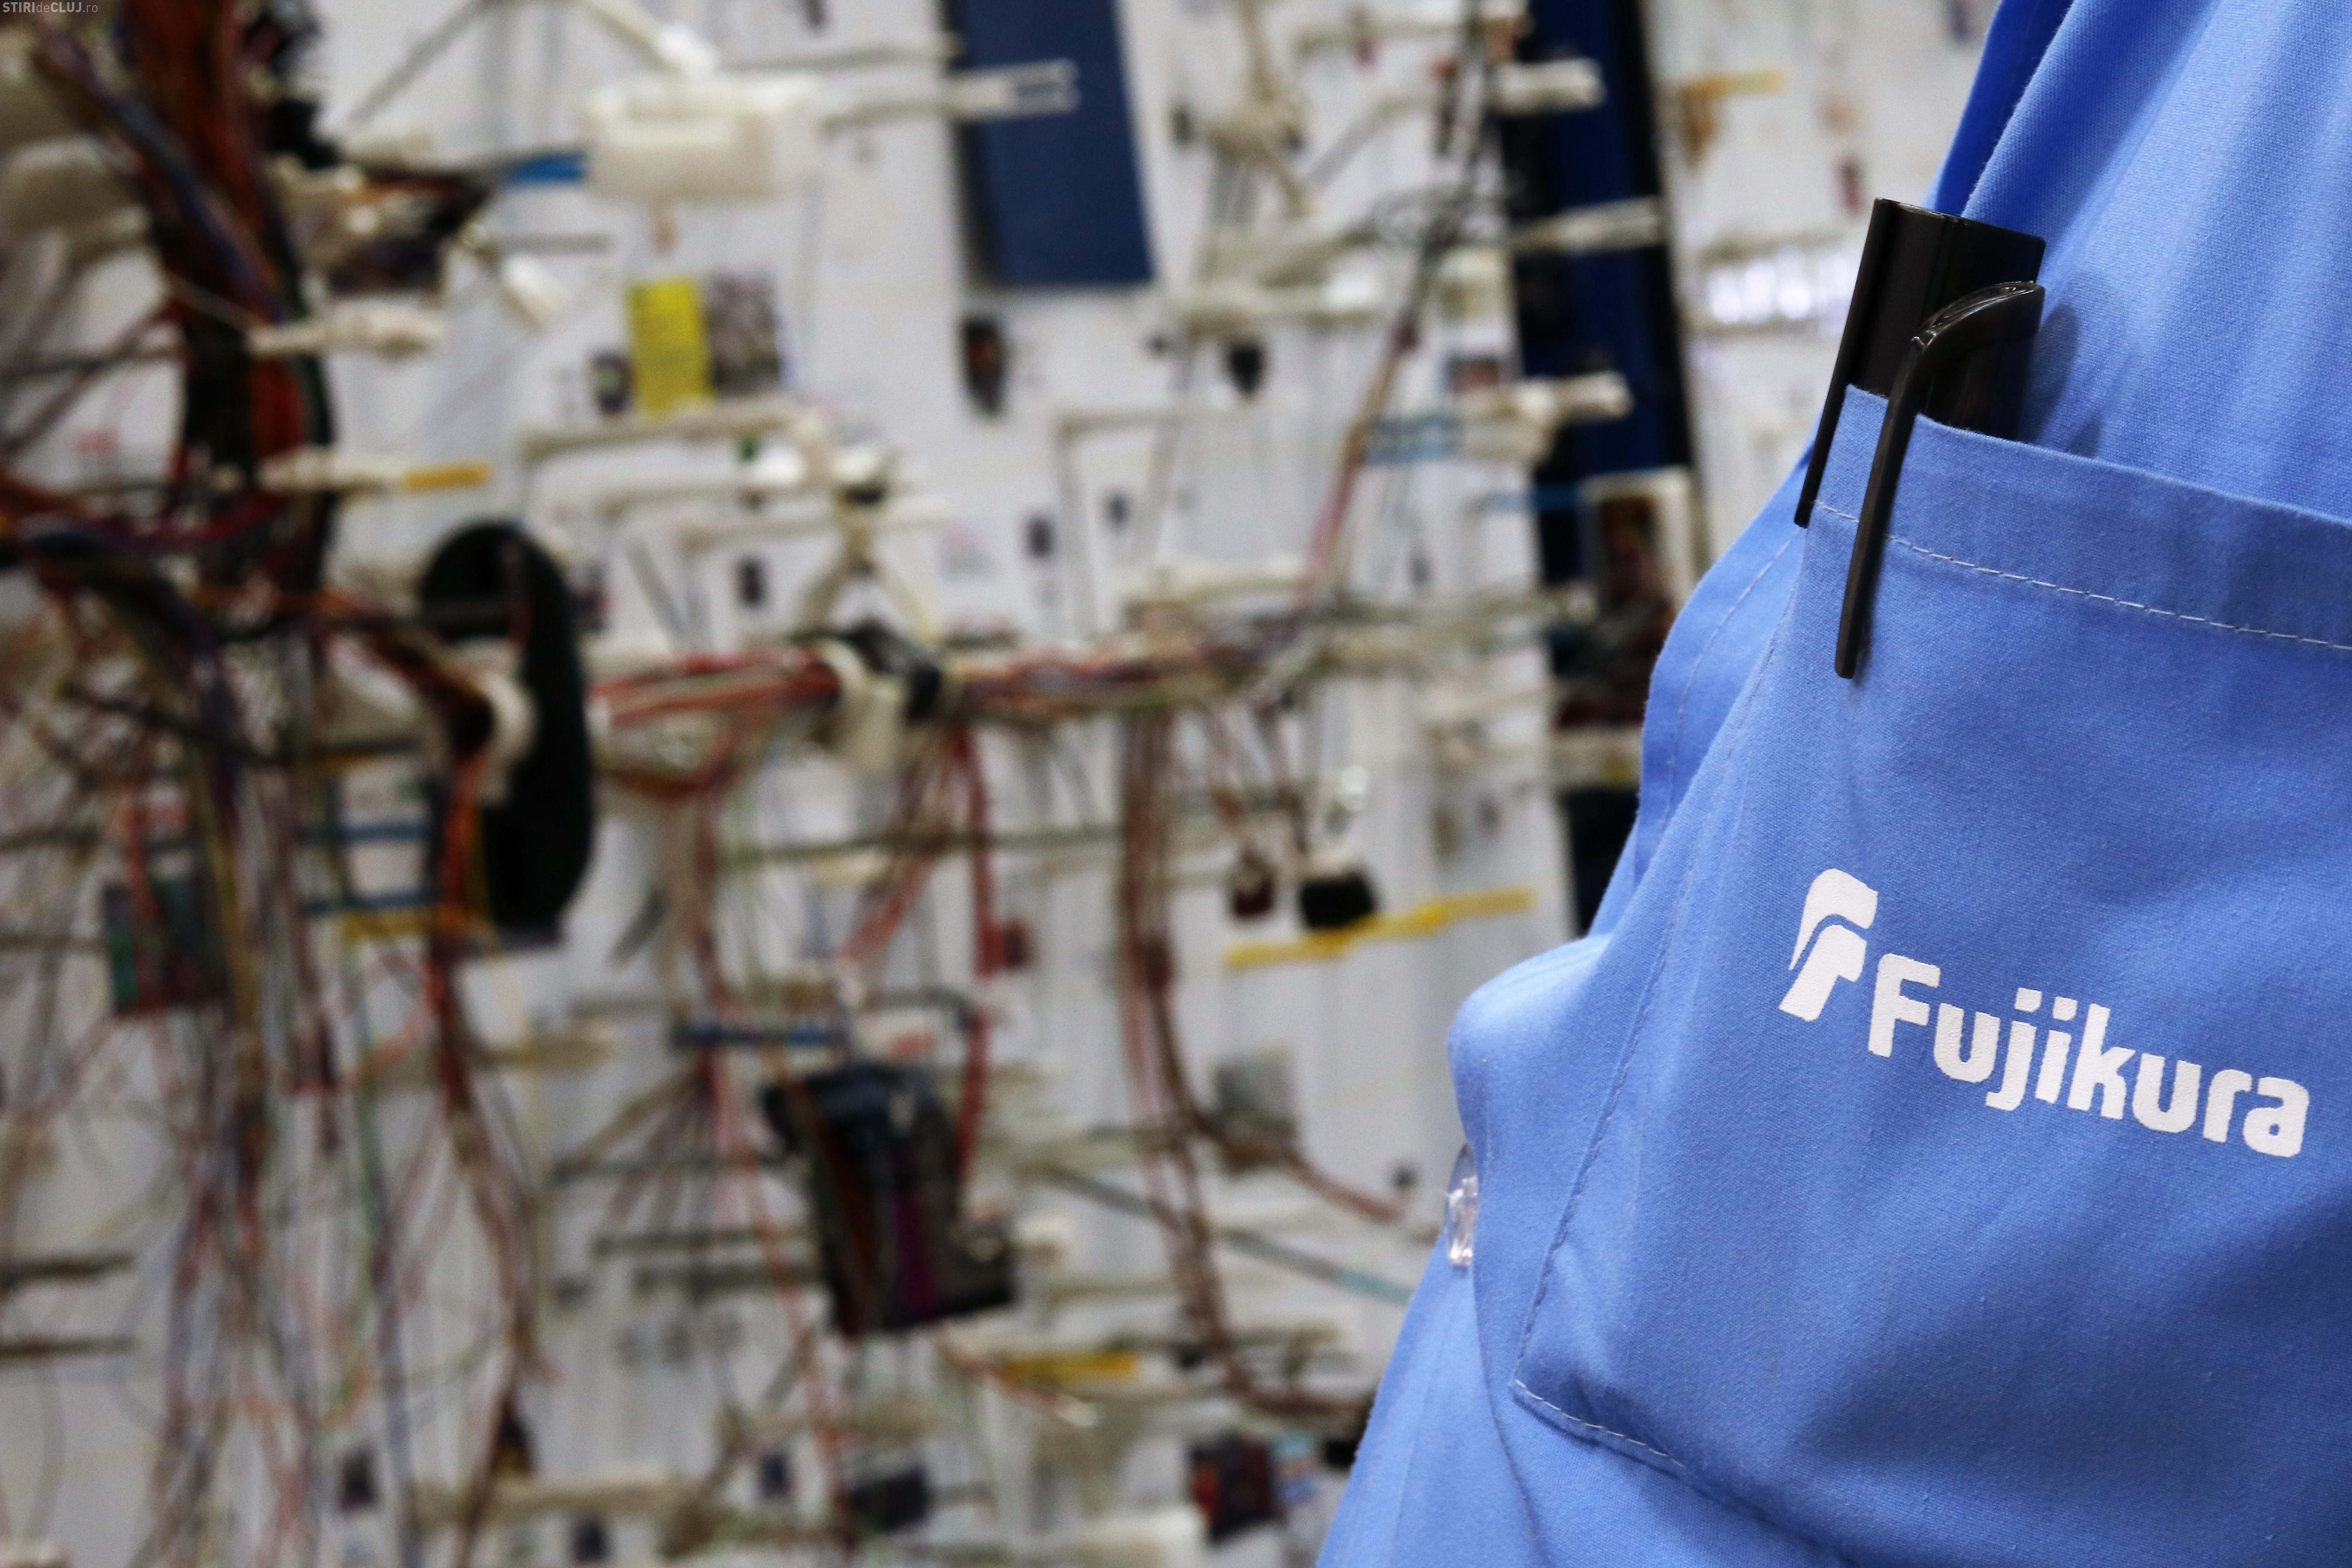 Angajații români de la Fujikura produc cablaje pentru mașinile electrice (P)